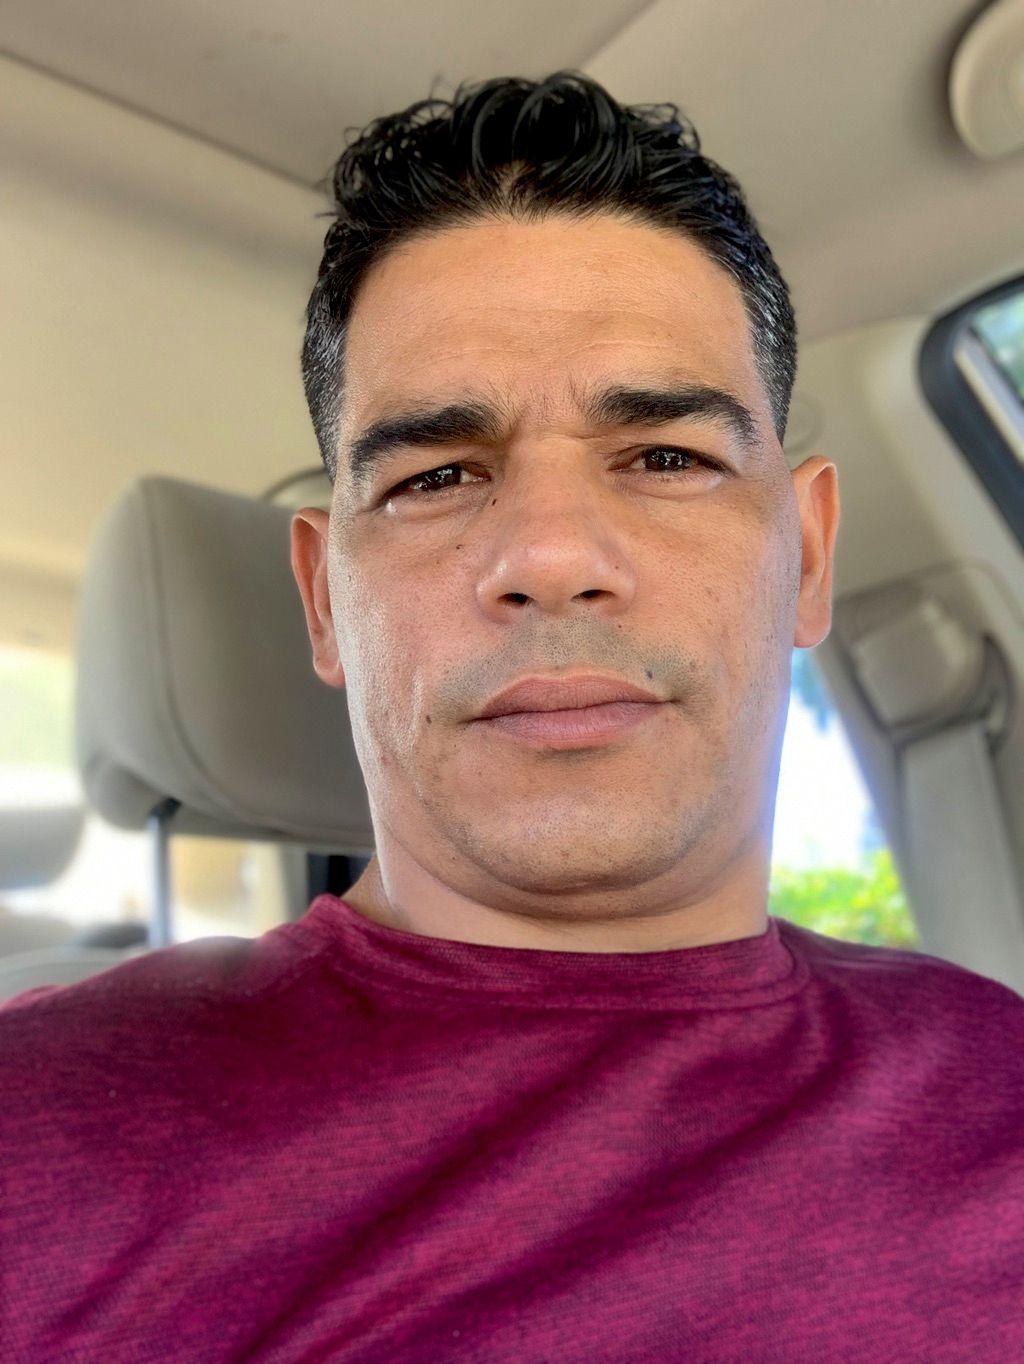 Merido Martinez